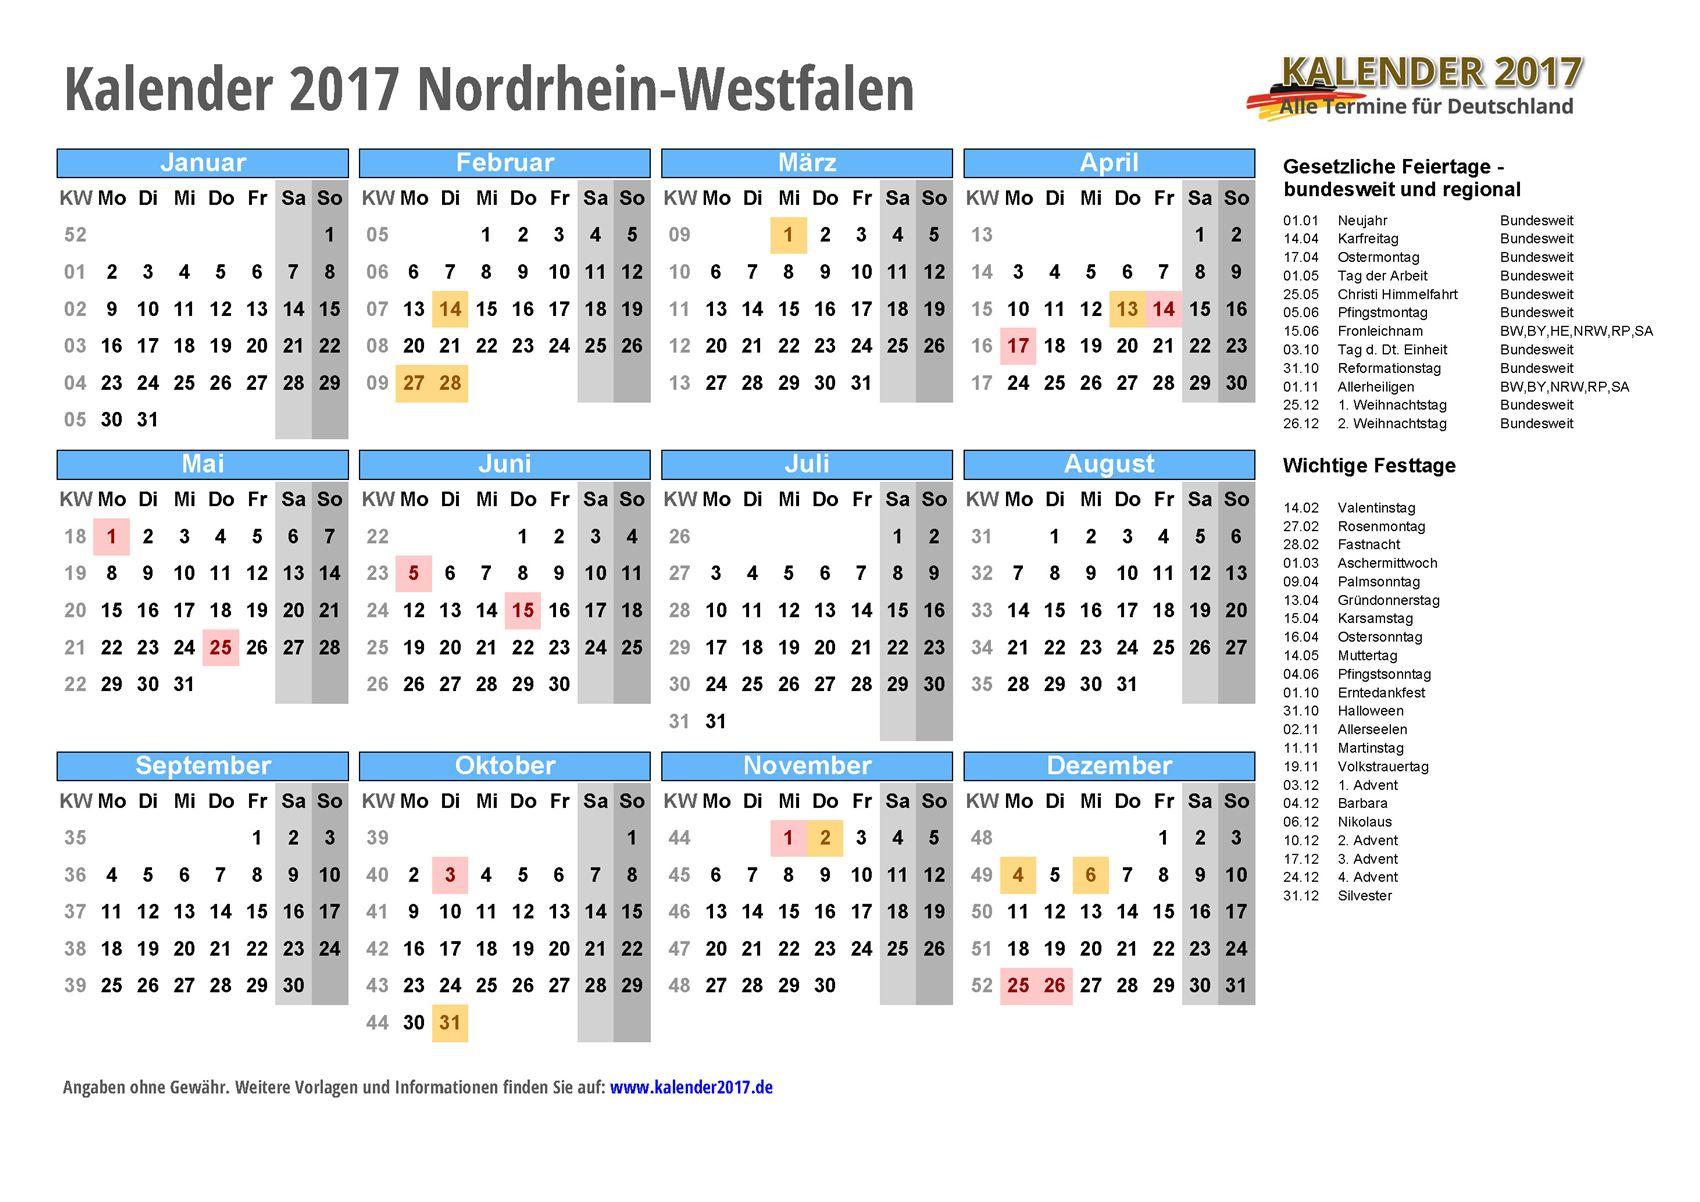 KALENDER 2017 NRW mit Feiertagen & Ferien